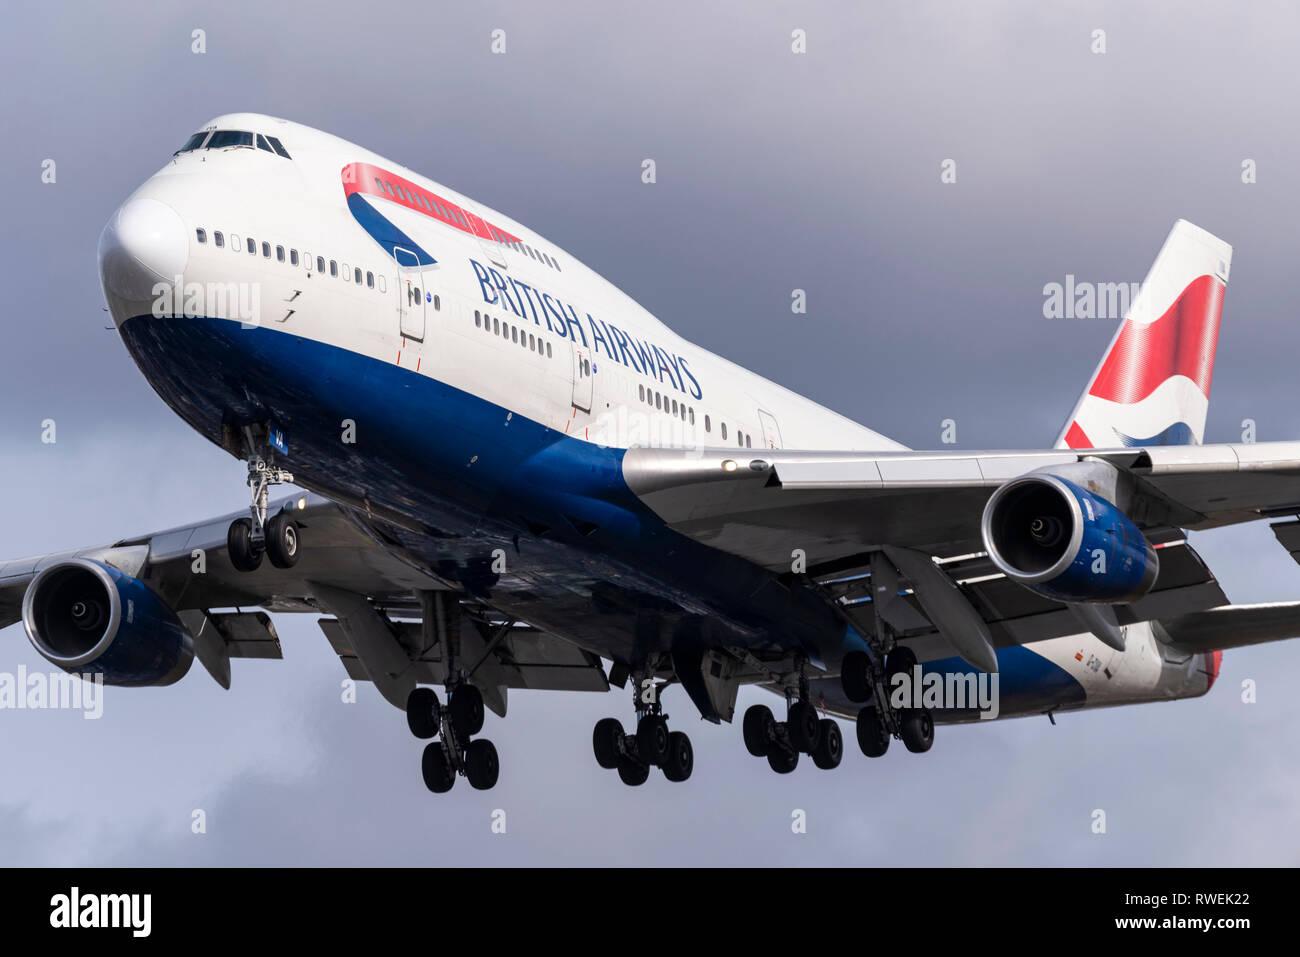 British Airways Boeing 747 Jumbo Jet jet plane airliner G-CIVA ...